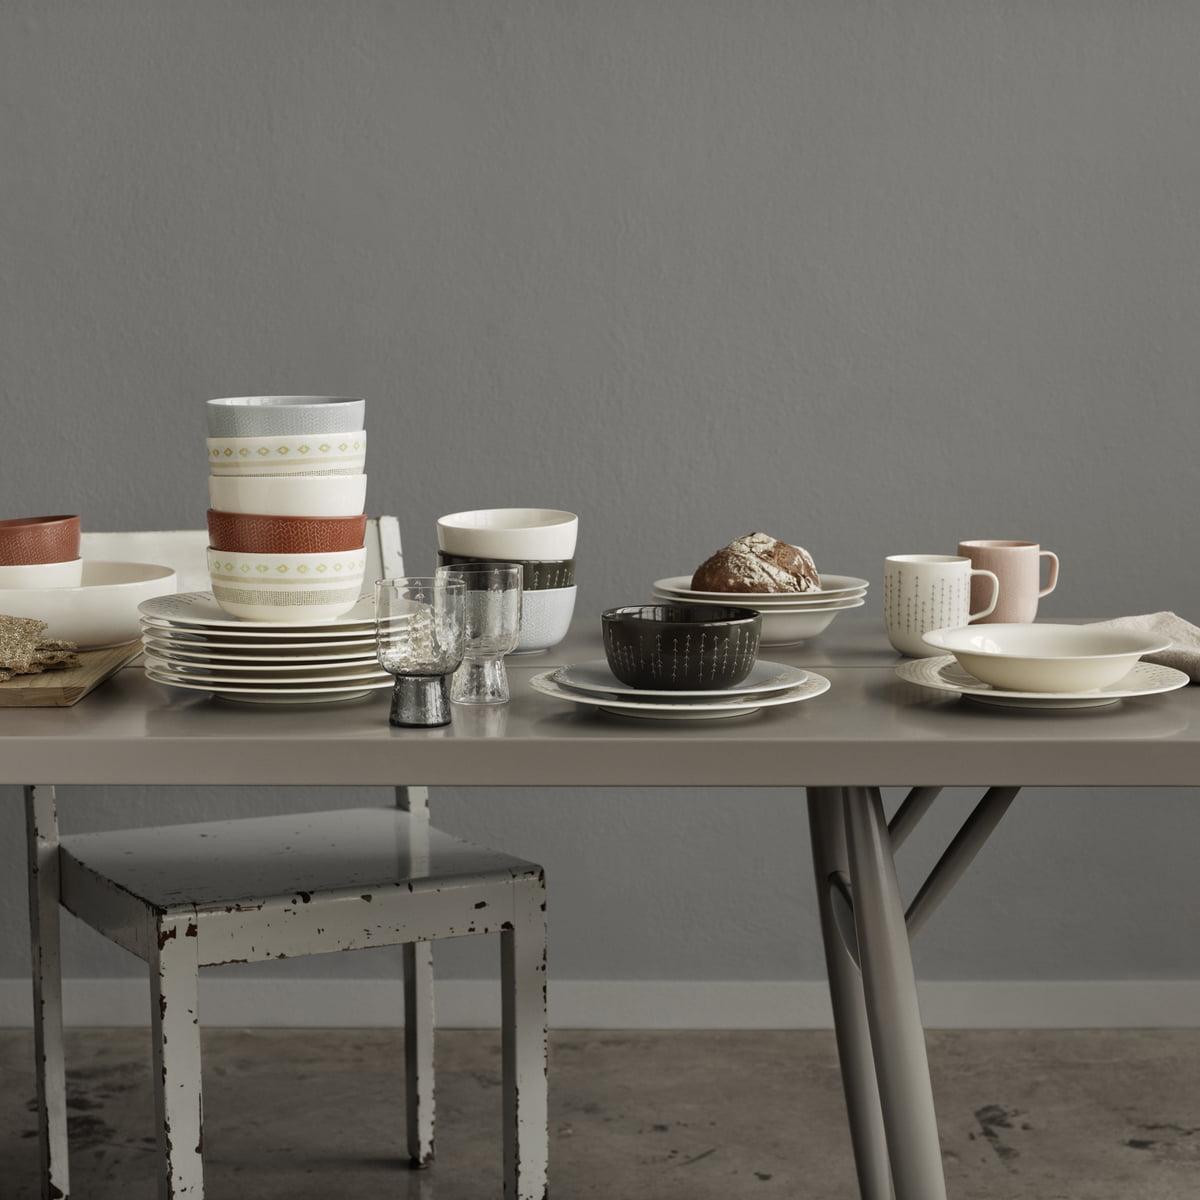 purchase the sarjaton plate by iittala in the shop - iittala  sarjaton collection